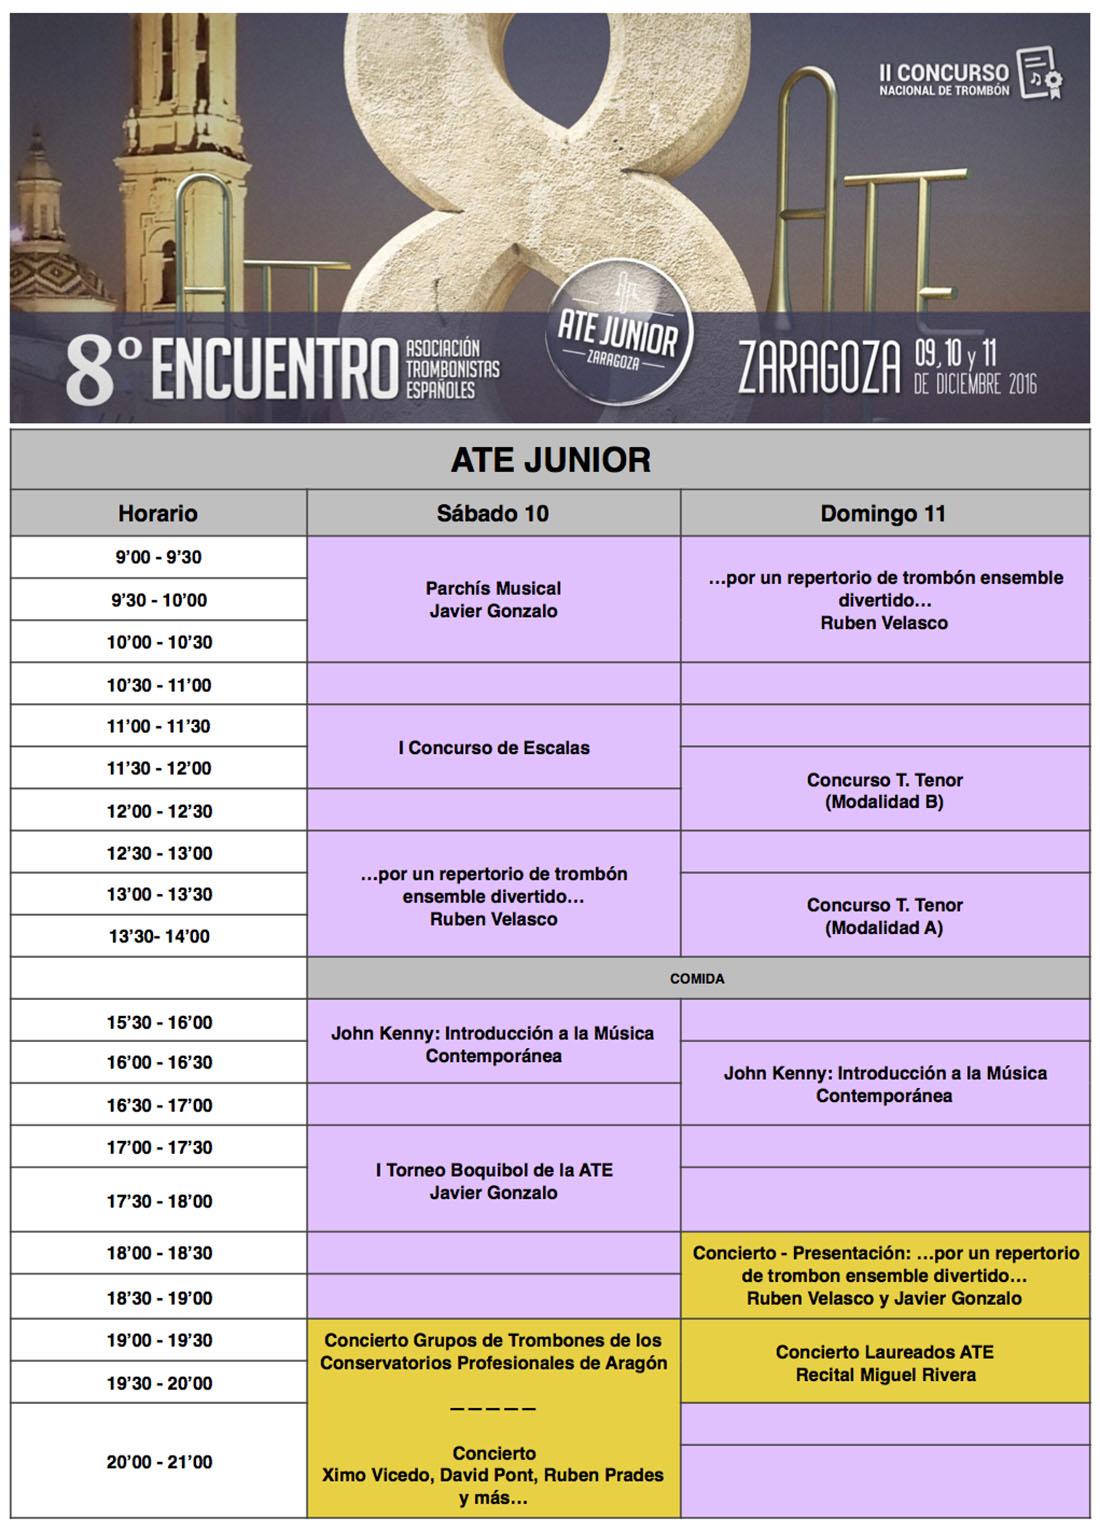 horario-8-encuentro-ate-junior-web